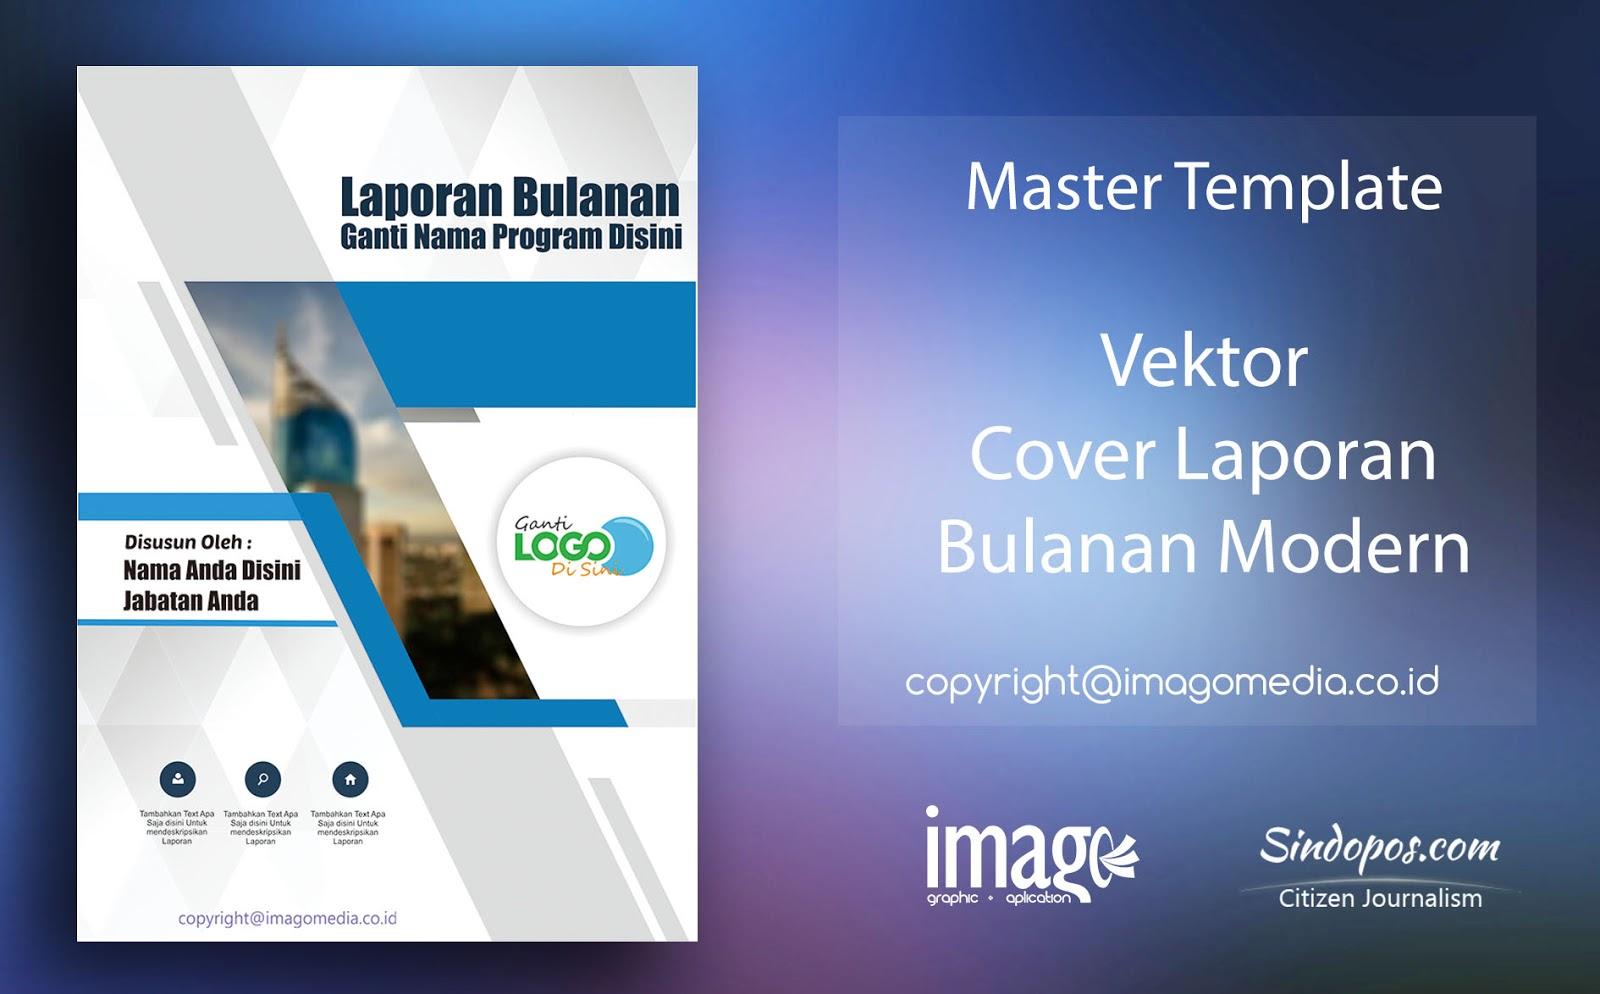 desain cover laporan bulanan modern